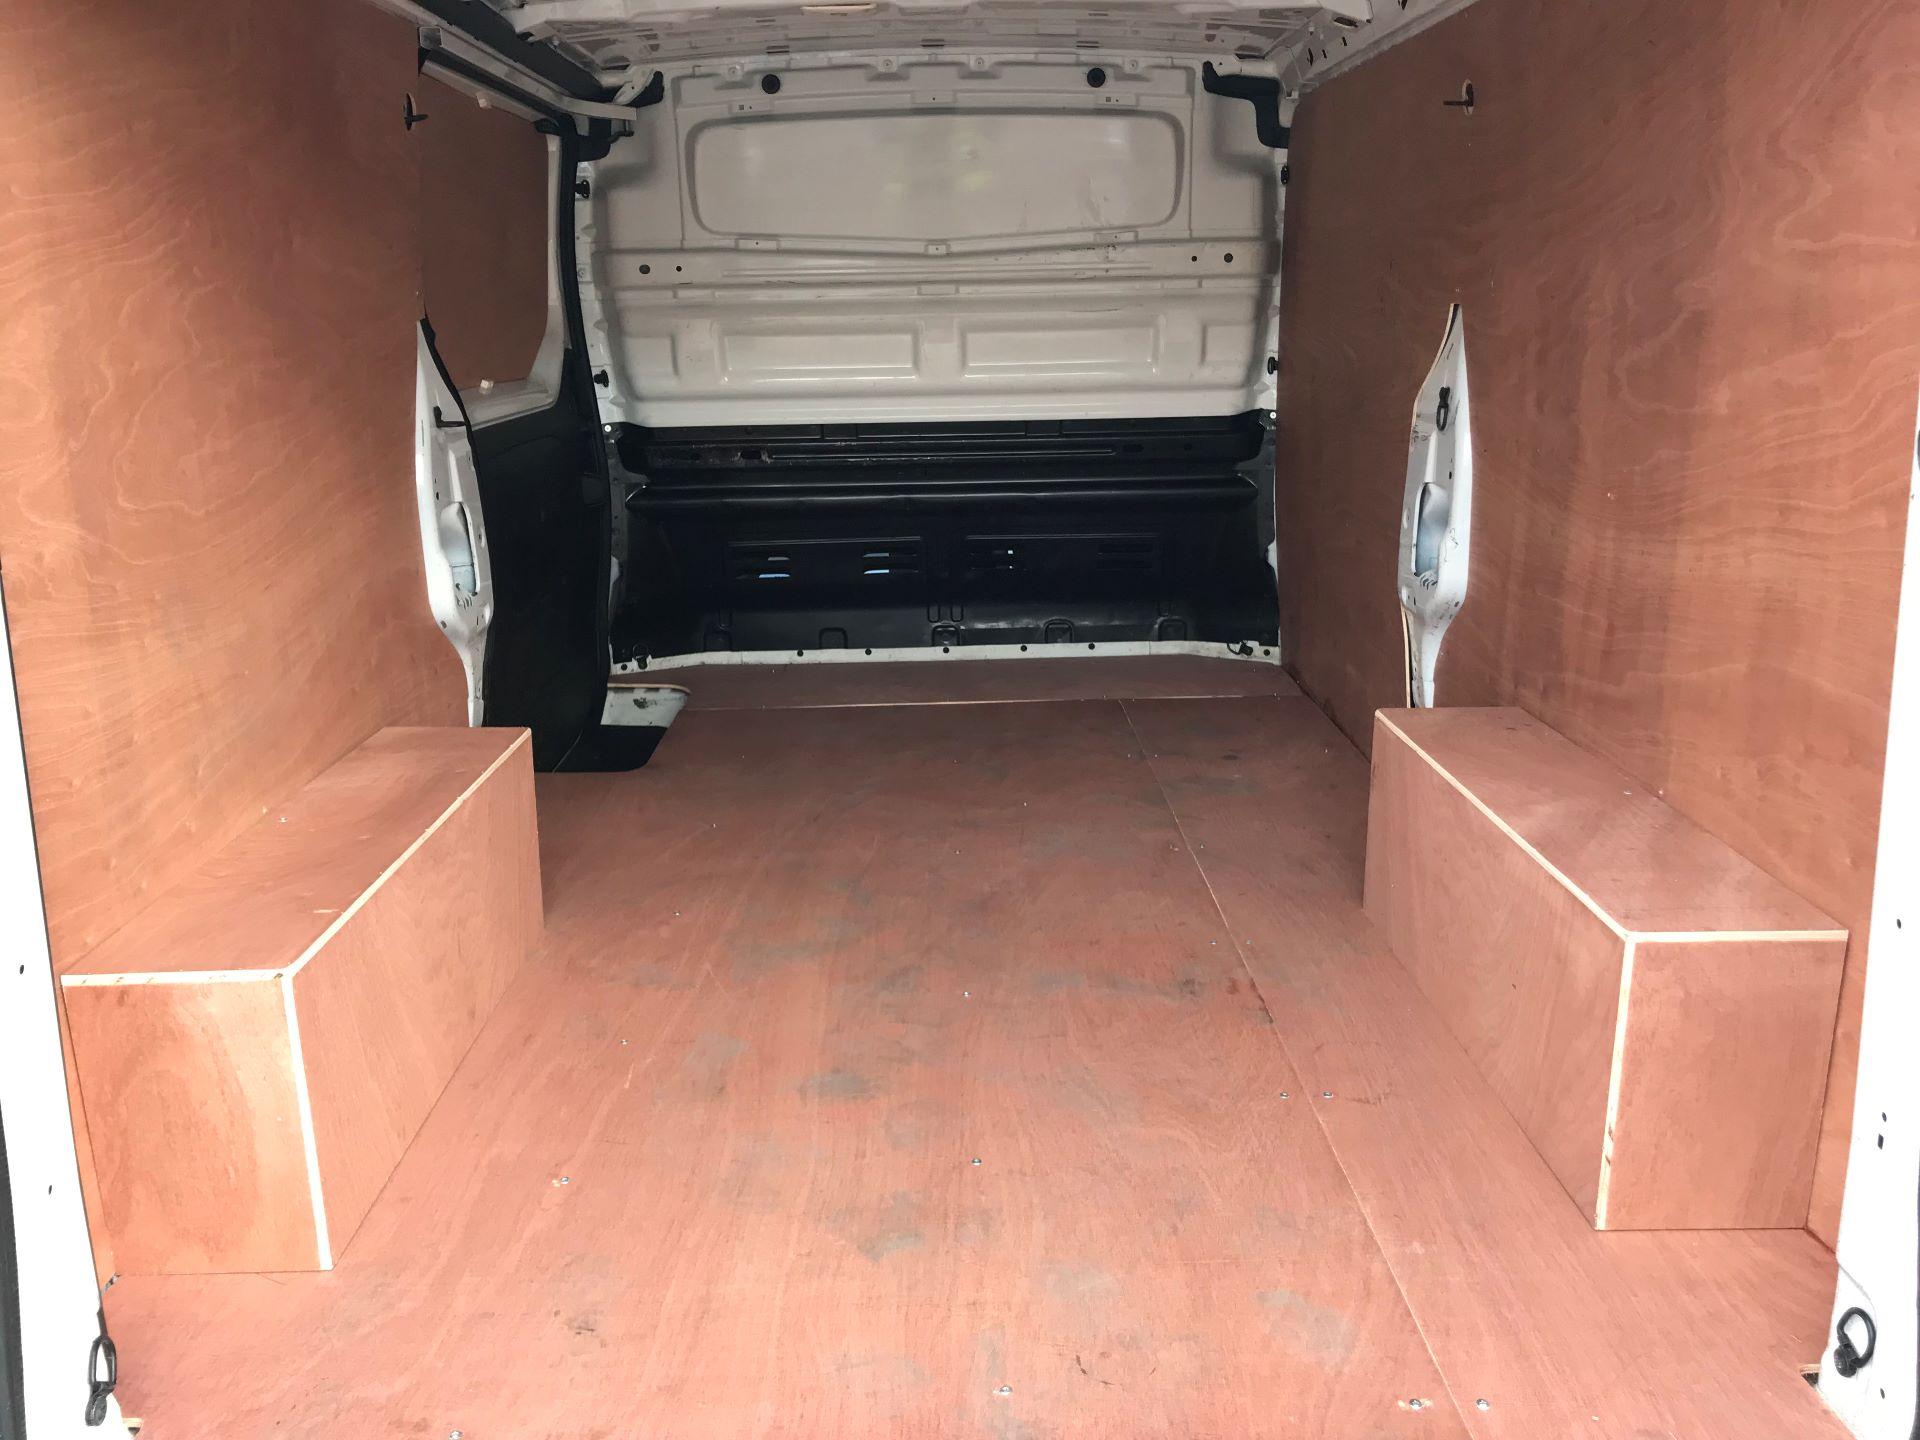 2017 Vauxhall Vivaro L2 H1 2900 1.6CDTI 120PS EURO 6 (DV67LTX) Image 8